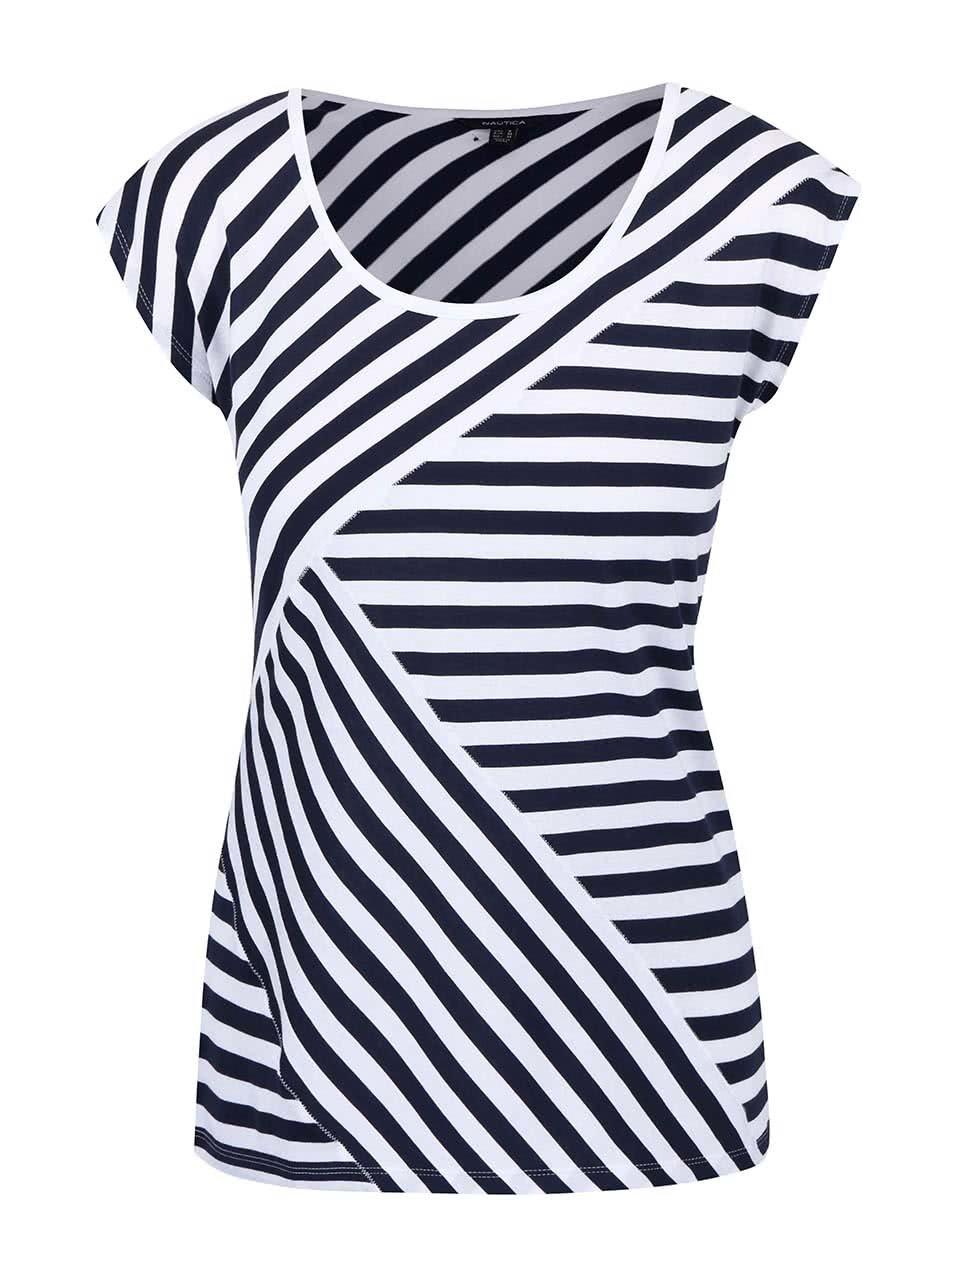 7504bc15eb4a Modro-biele dámske pruhované tričko Nautica ...